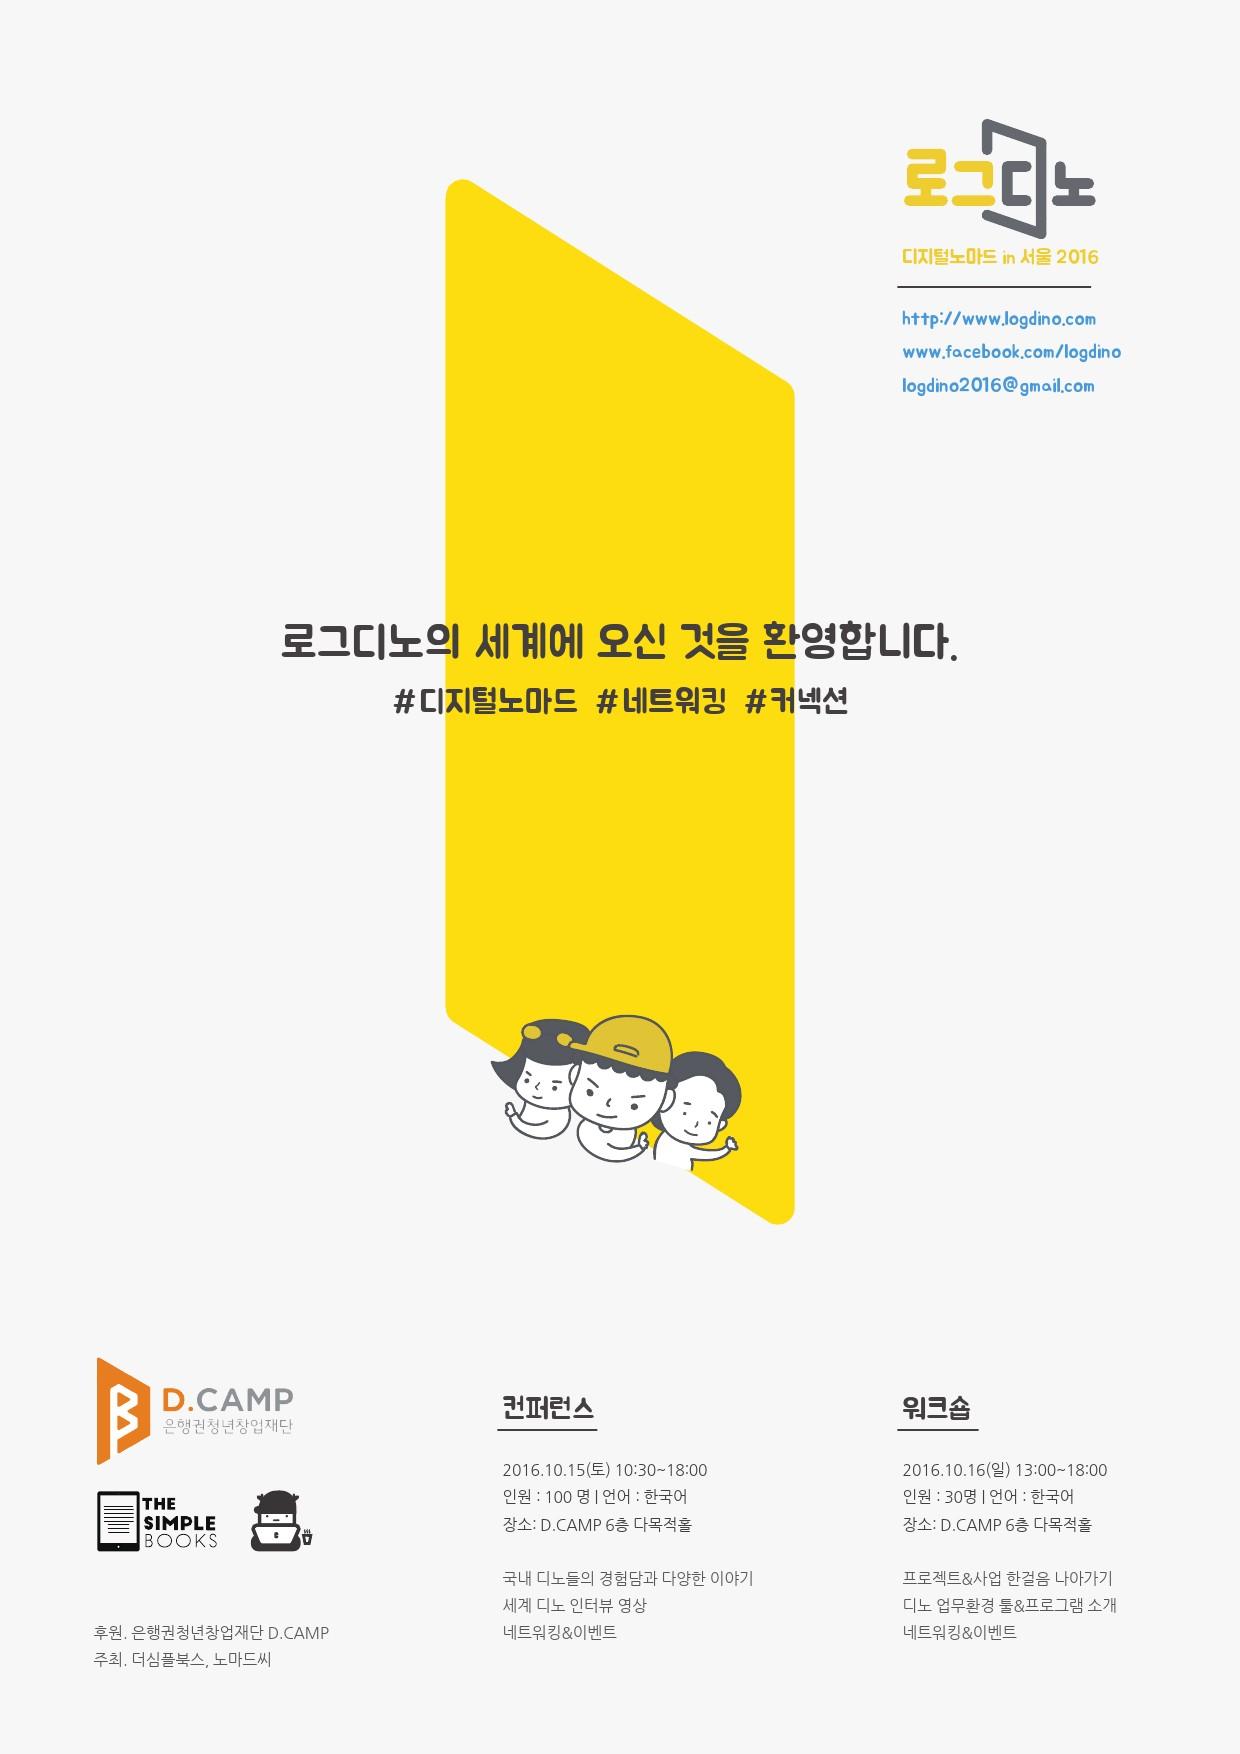 [행사] 디지털노마드 컨퍼런스가 서울에서 열려요, 신청마감은 10/8(일)까지!